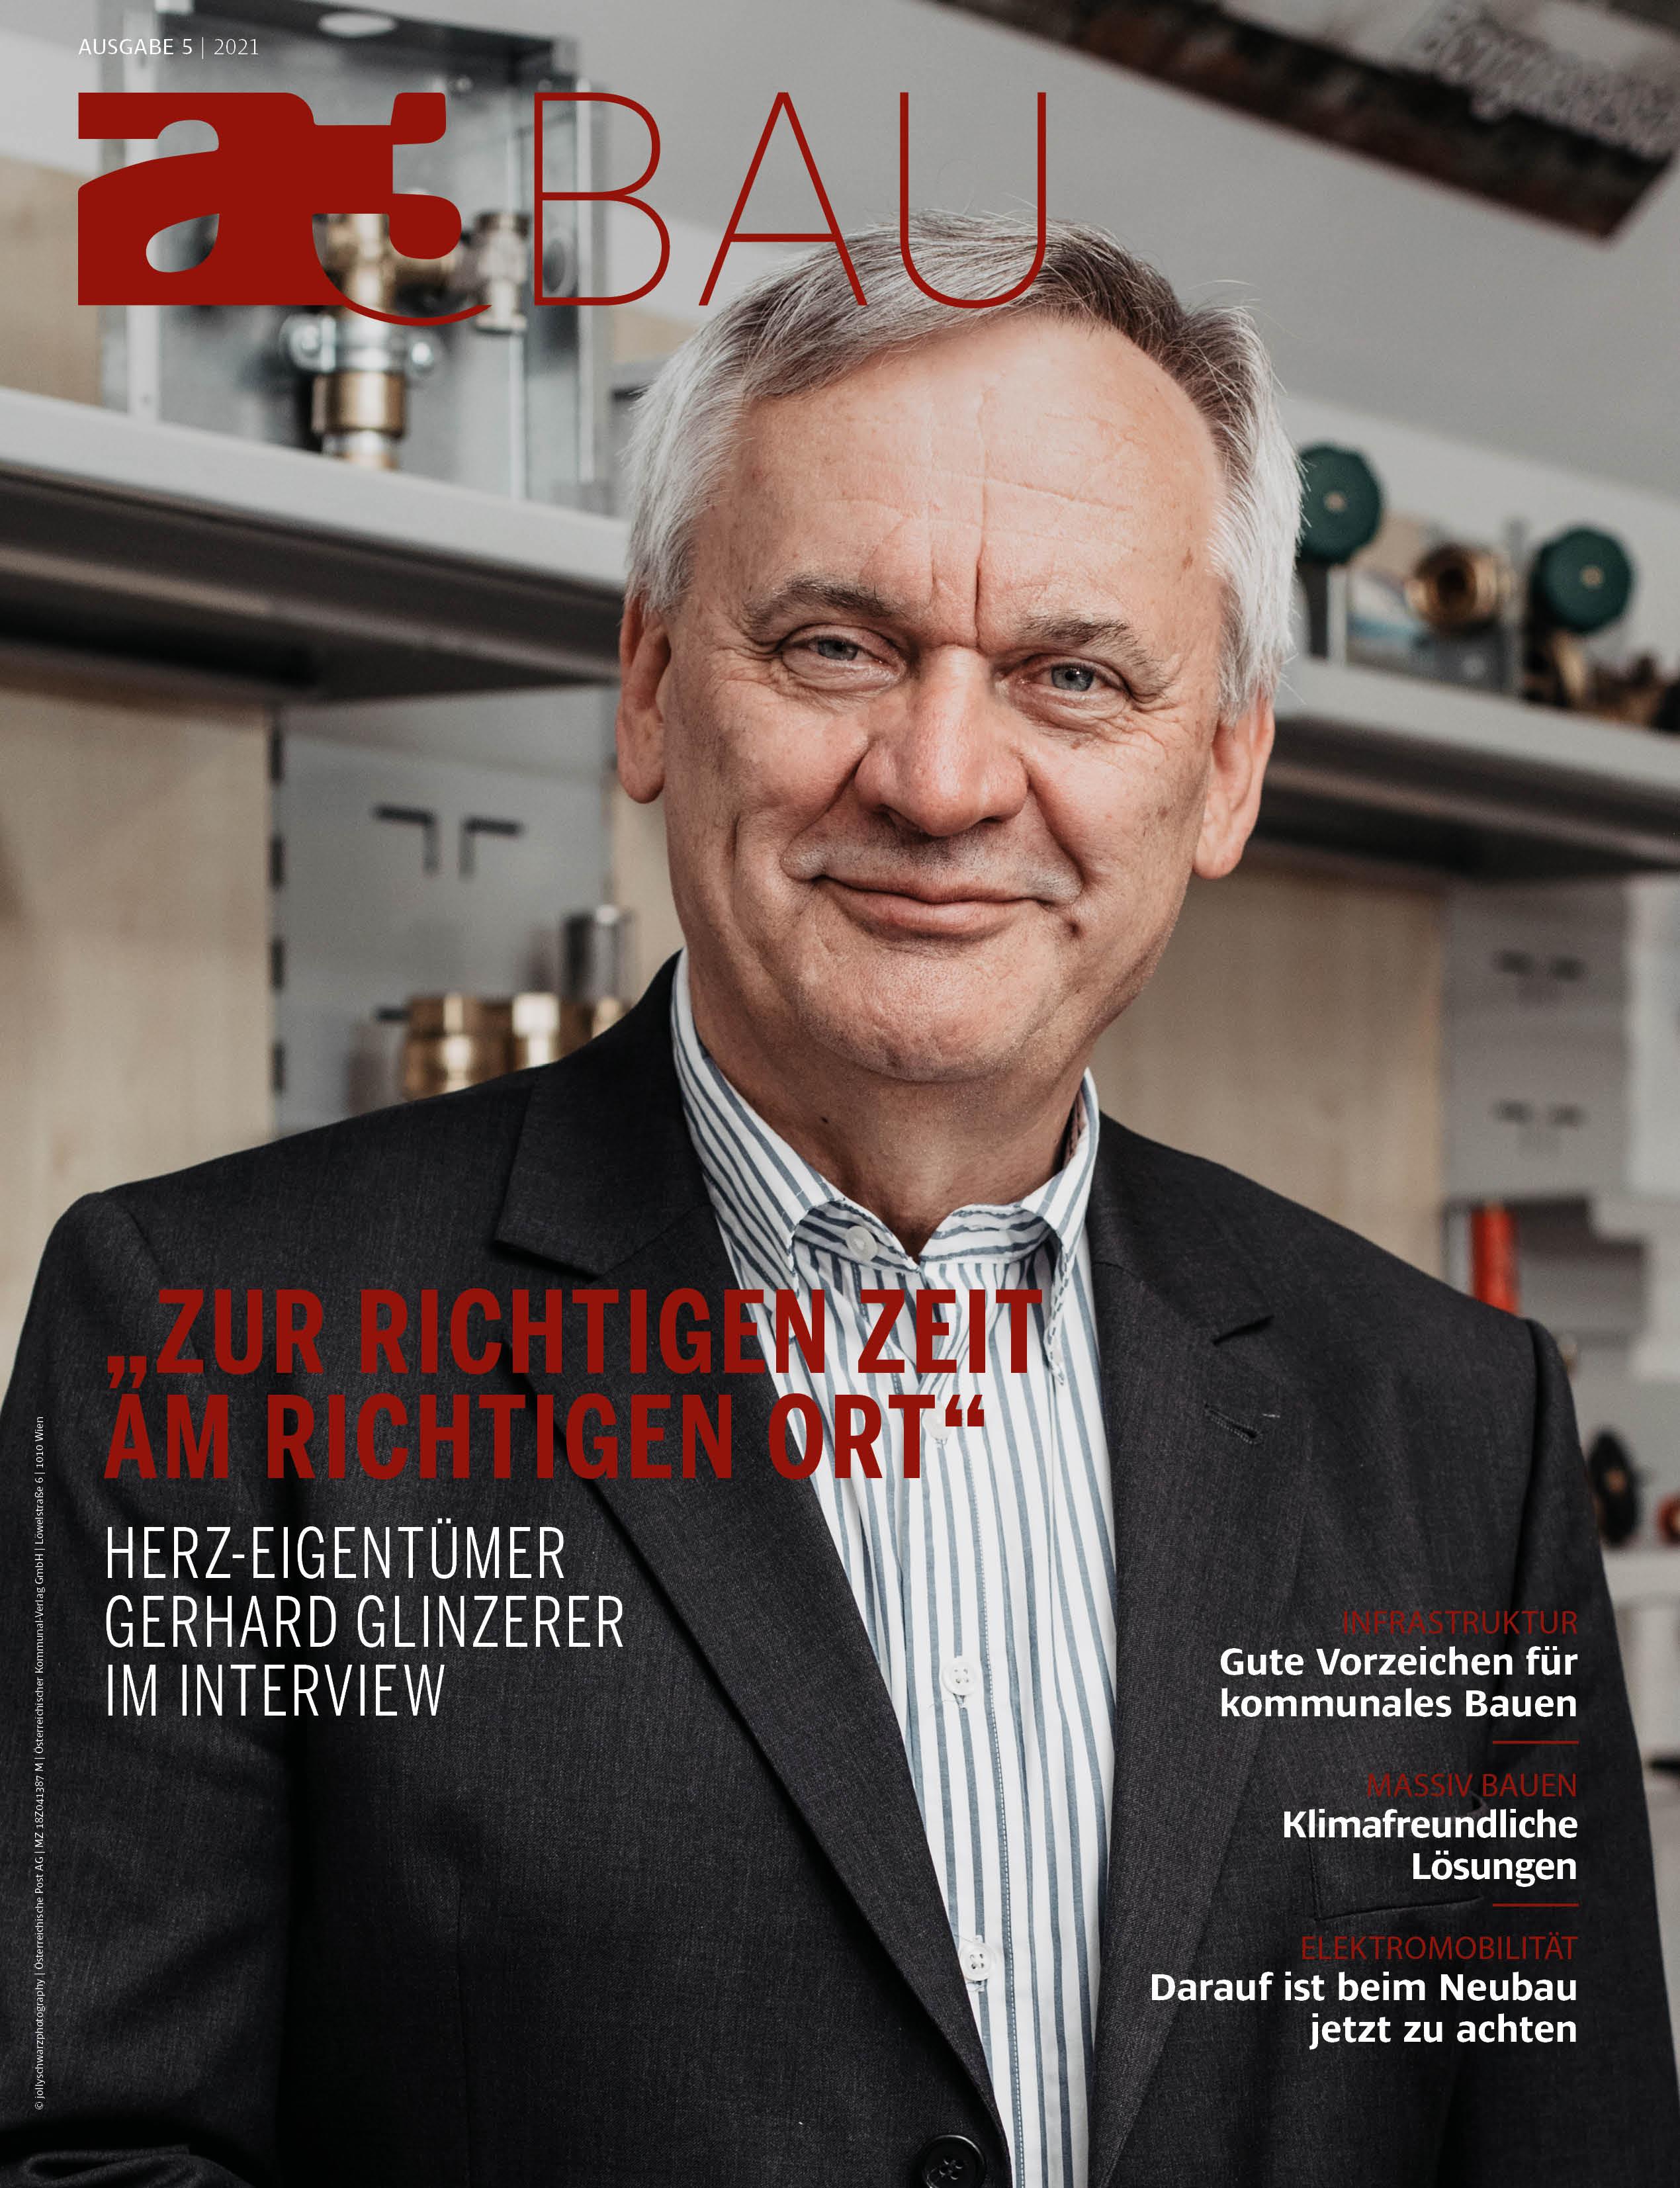 Cover mit Mann